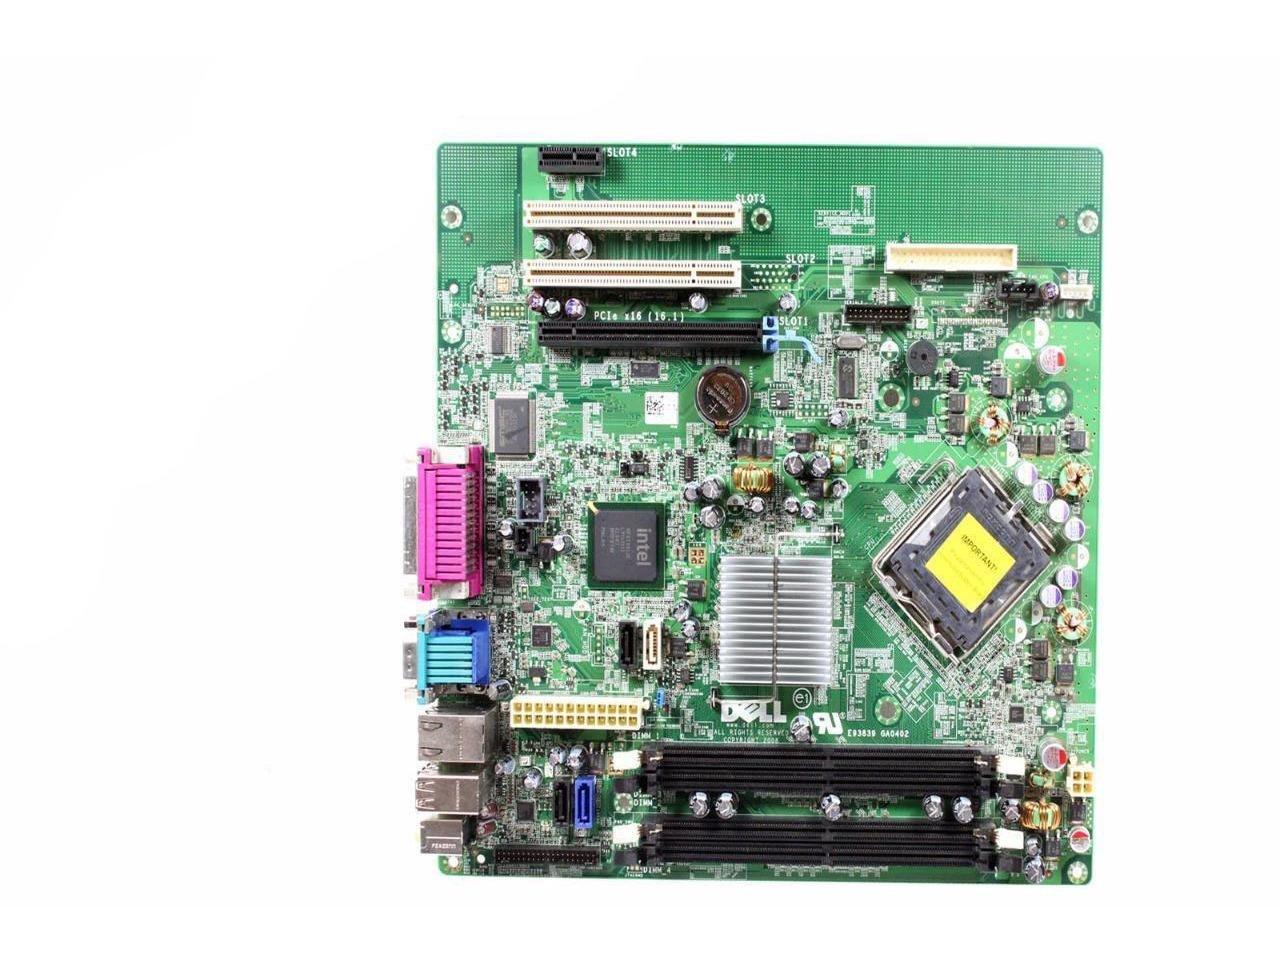 【全品送料無料】 【中古デスクトップパソコン -Windows7】DELL [DCSM] OptiPlex 760 [DCSM] -Windows7 HomePremium 32bit HomePremium Core2Duo 3GHz 1GB 250GB DVDハイパーマルチ(A0718D041) B003F17BJY, スピードコンタクト:21023d97 --- arbimovel.dominiotemporario.com